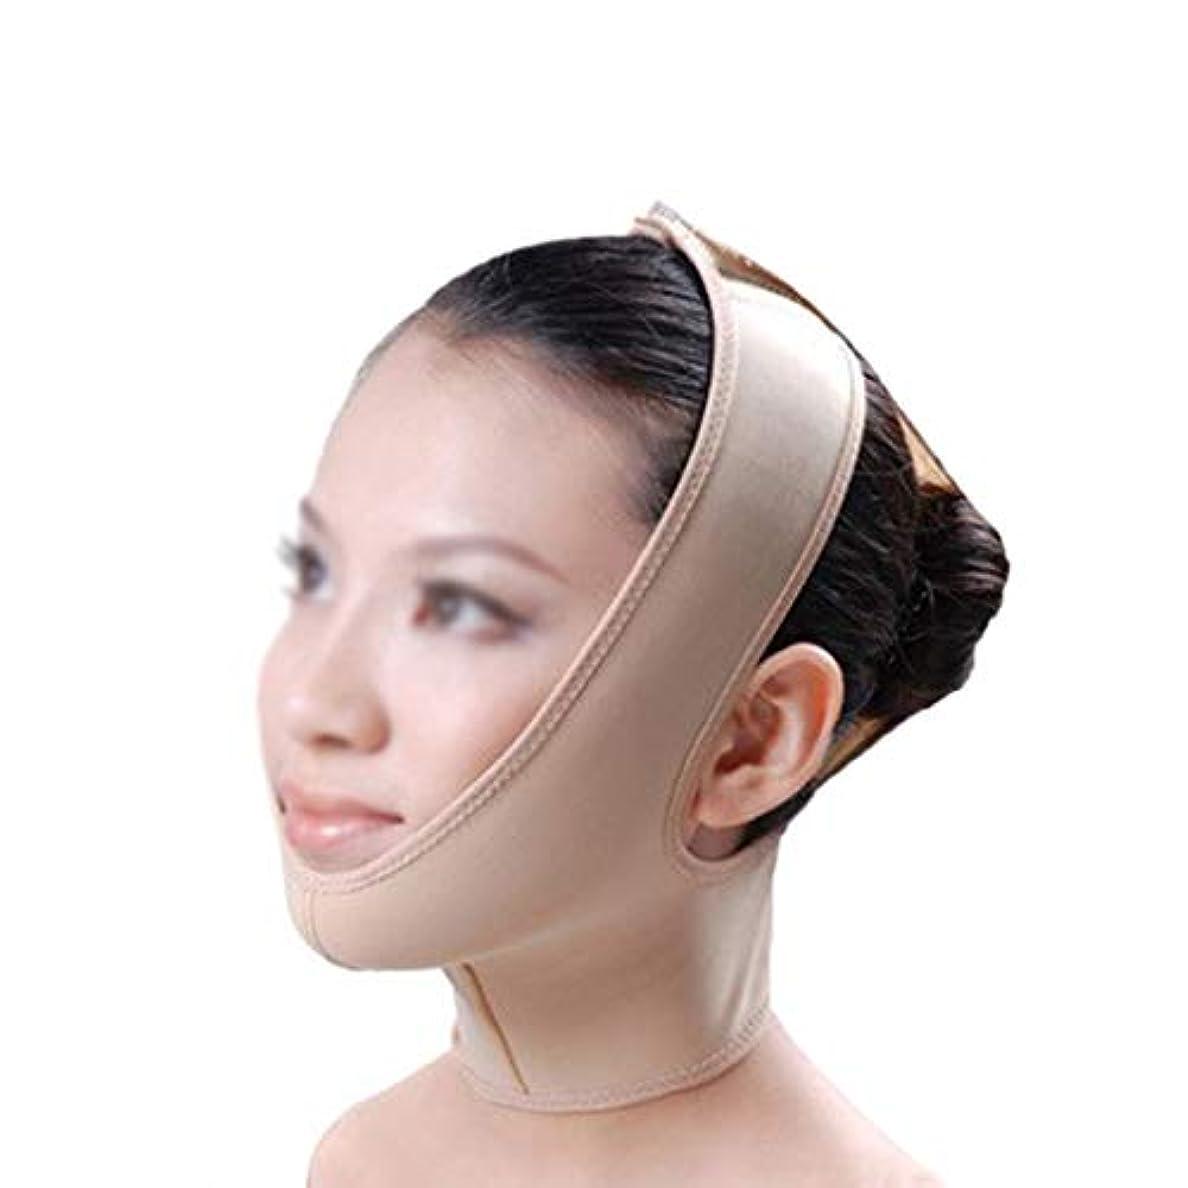 不潔ウルルペルセウスダブルチンストラップ、包帯リフト、引き締めフェイシャルリフト、フェイシャル減量マスク、リフティングスキン包帯,男性と女性の両方が使用できます (Size : M)